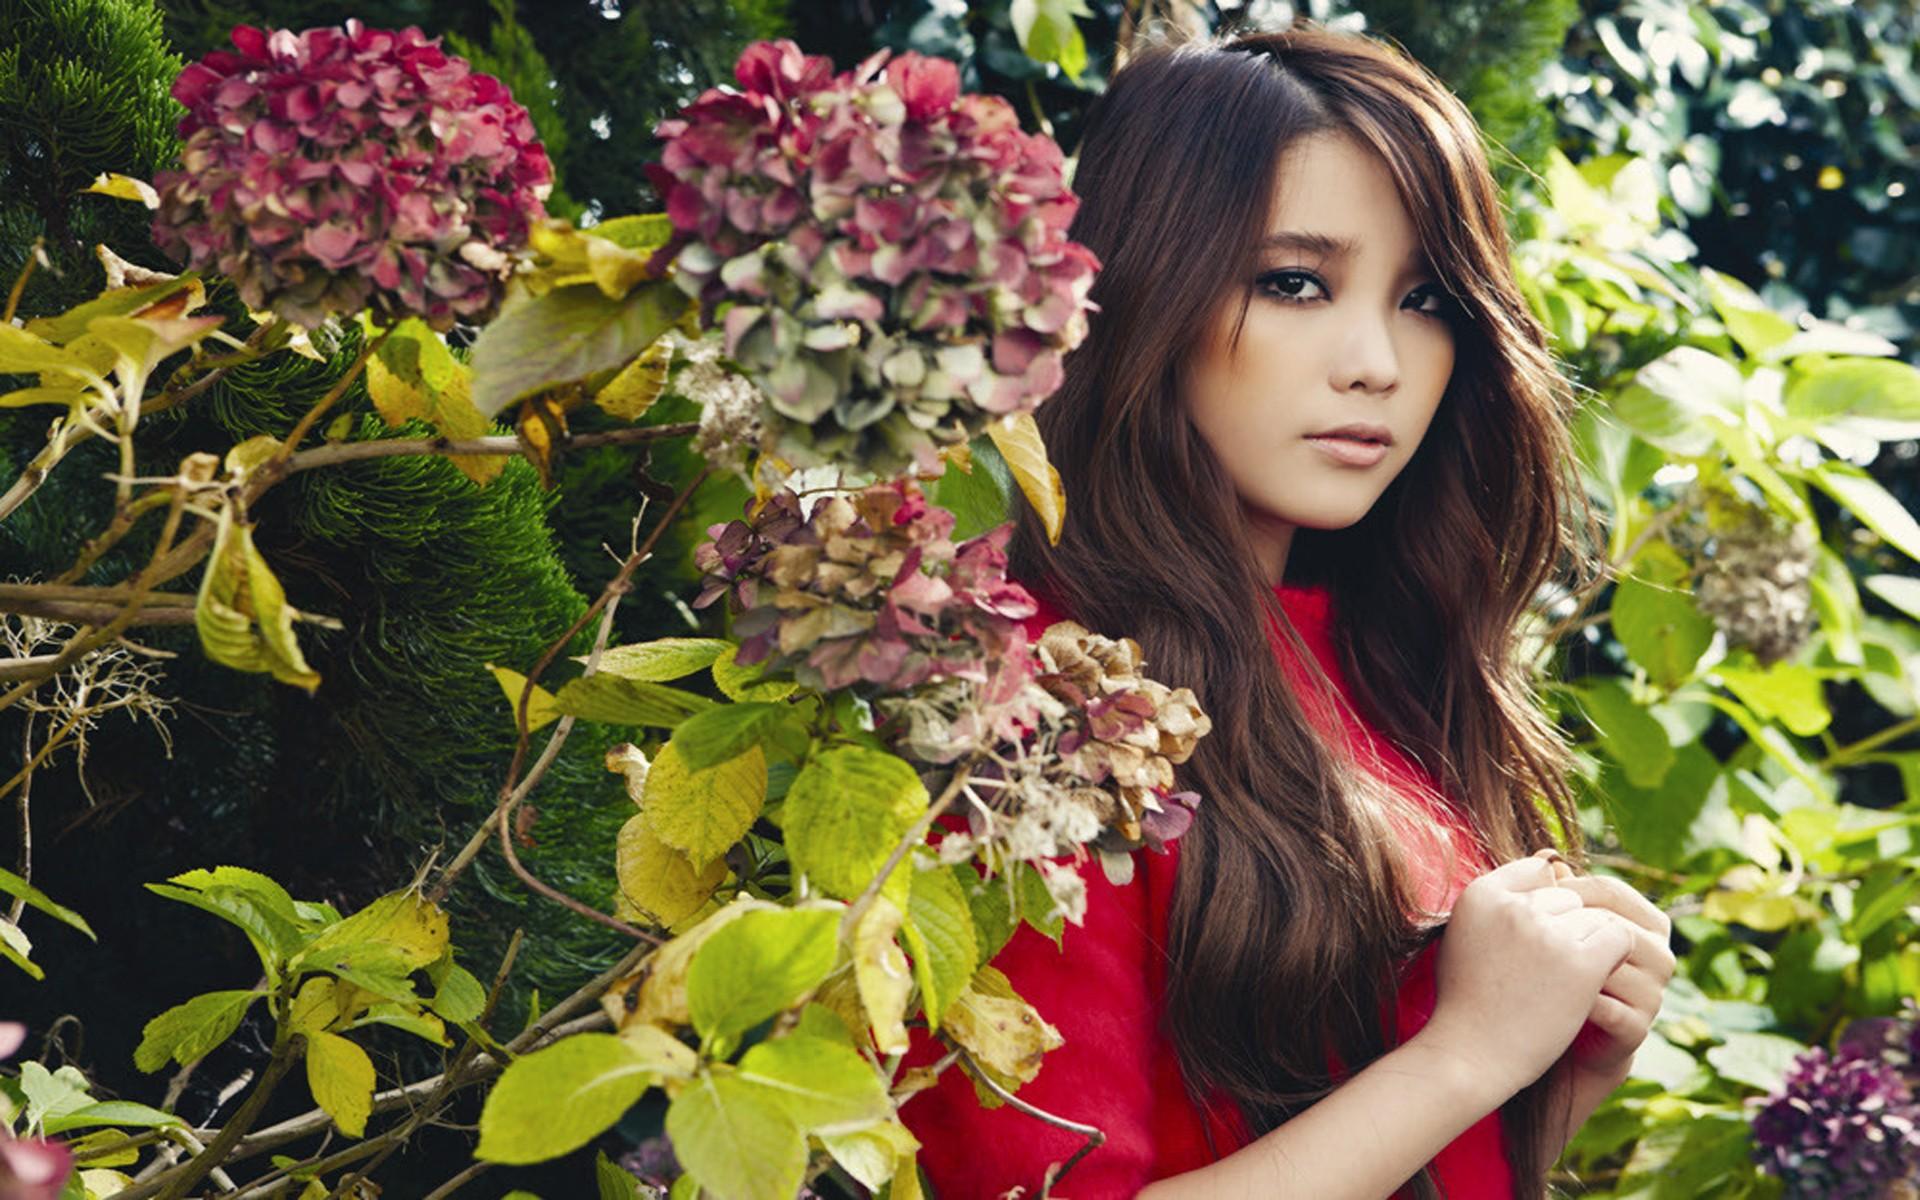 والپیپر دختر آسیایی در طبیعت با لباس قرمز